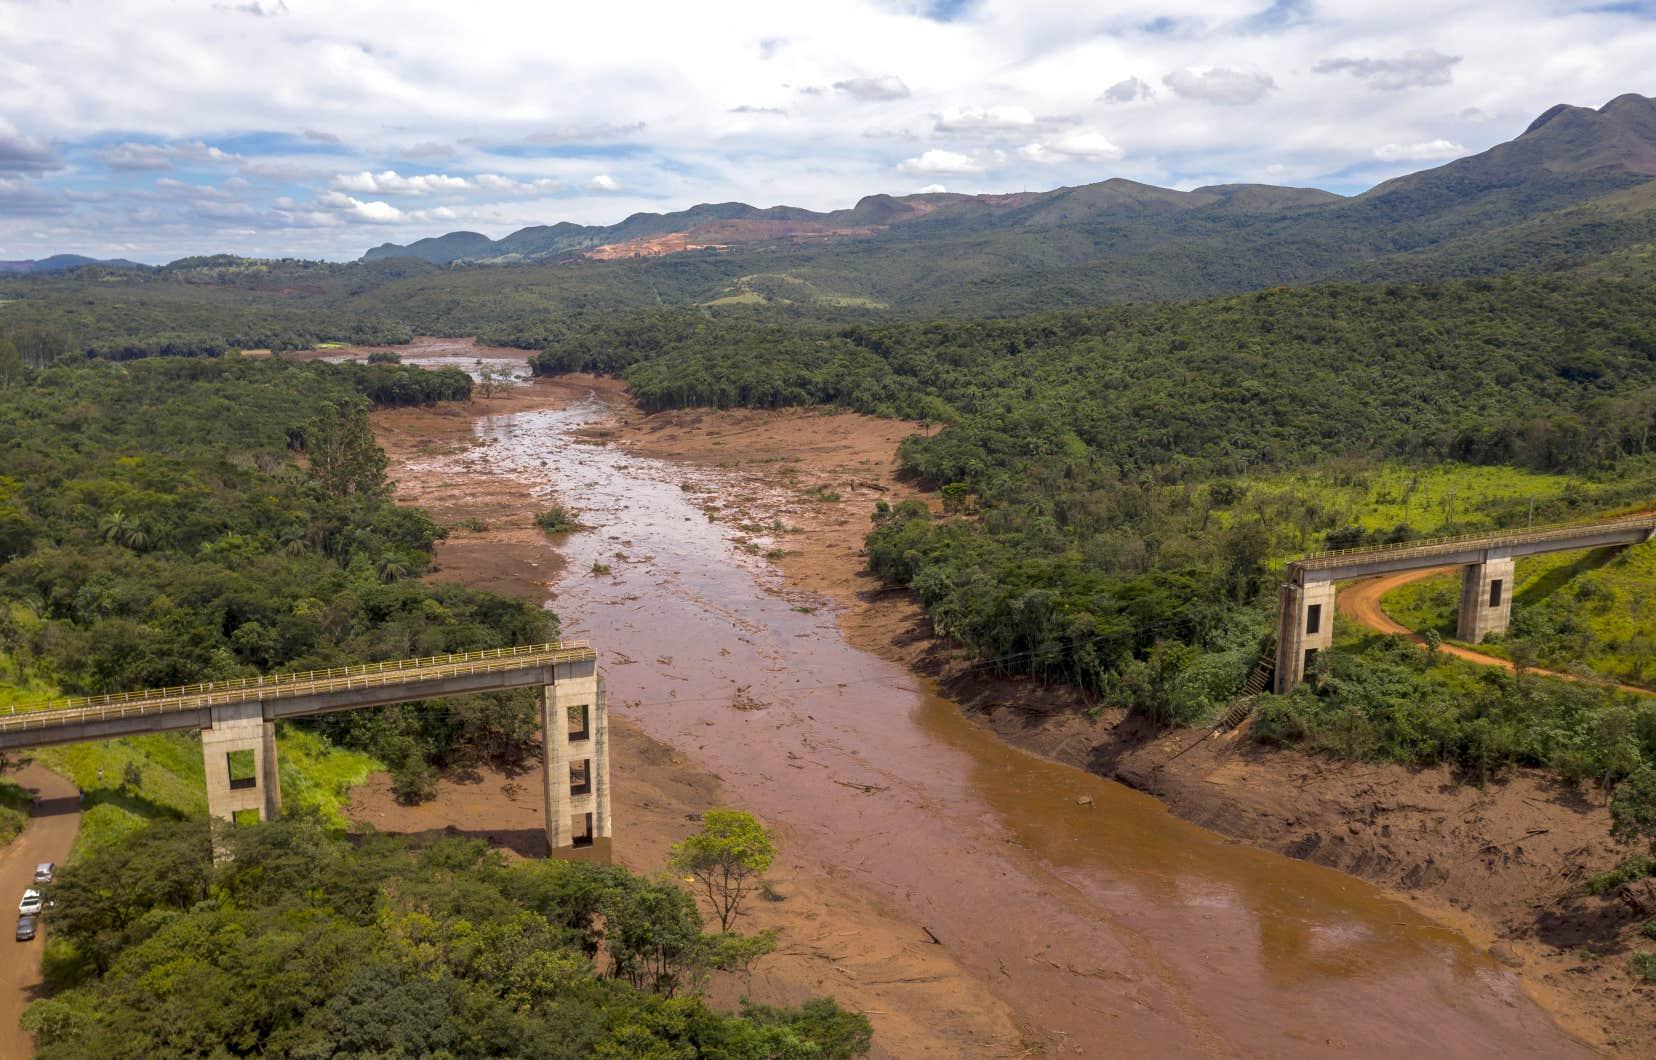 Vue aérienne d'un pont de chemin de fer qui a été emporté par une coulée de boue à la suite de la rupture d'un barrage d'une mine appartenant à l'entreprise brésilienne Vale.